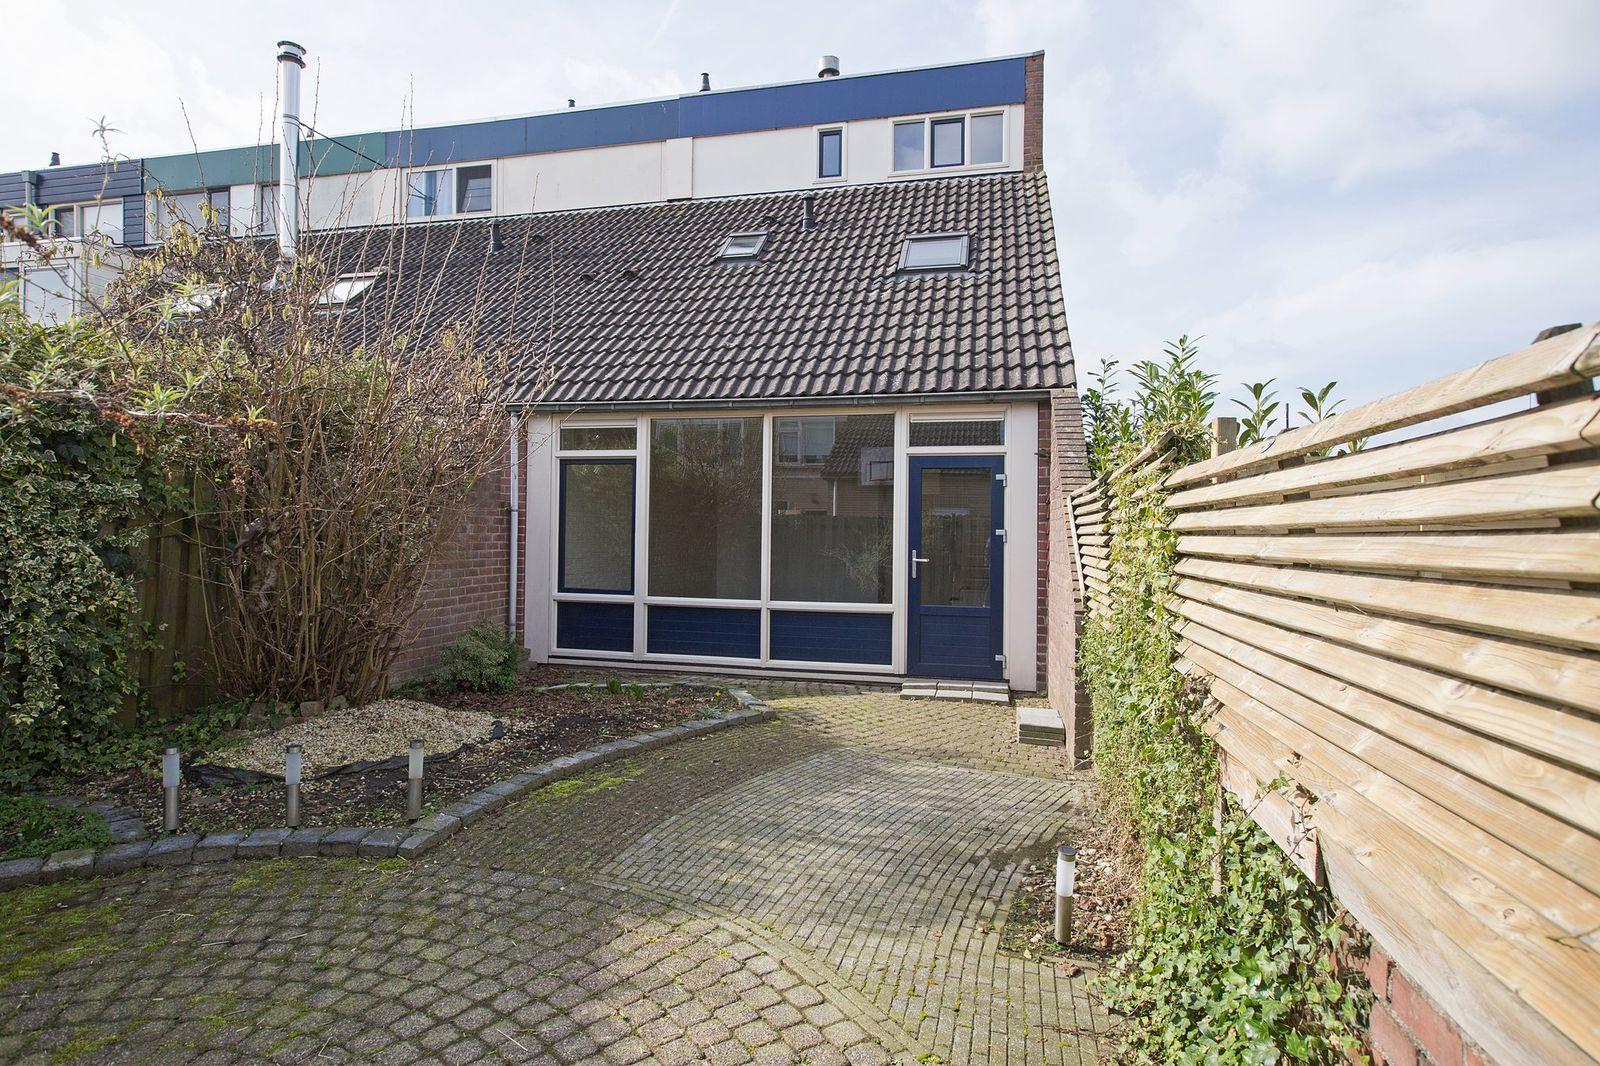 Tamboerlaan 101, Hoogeveen